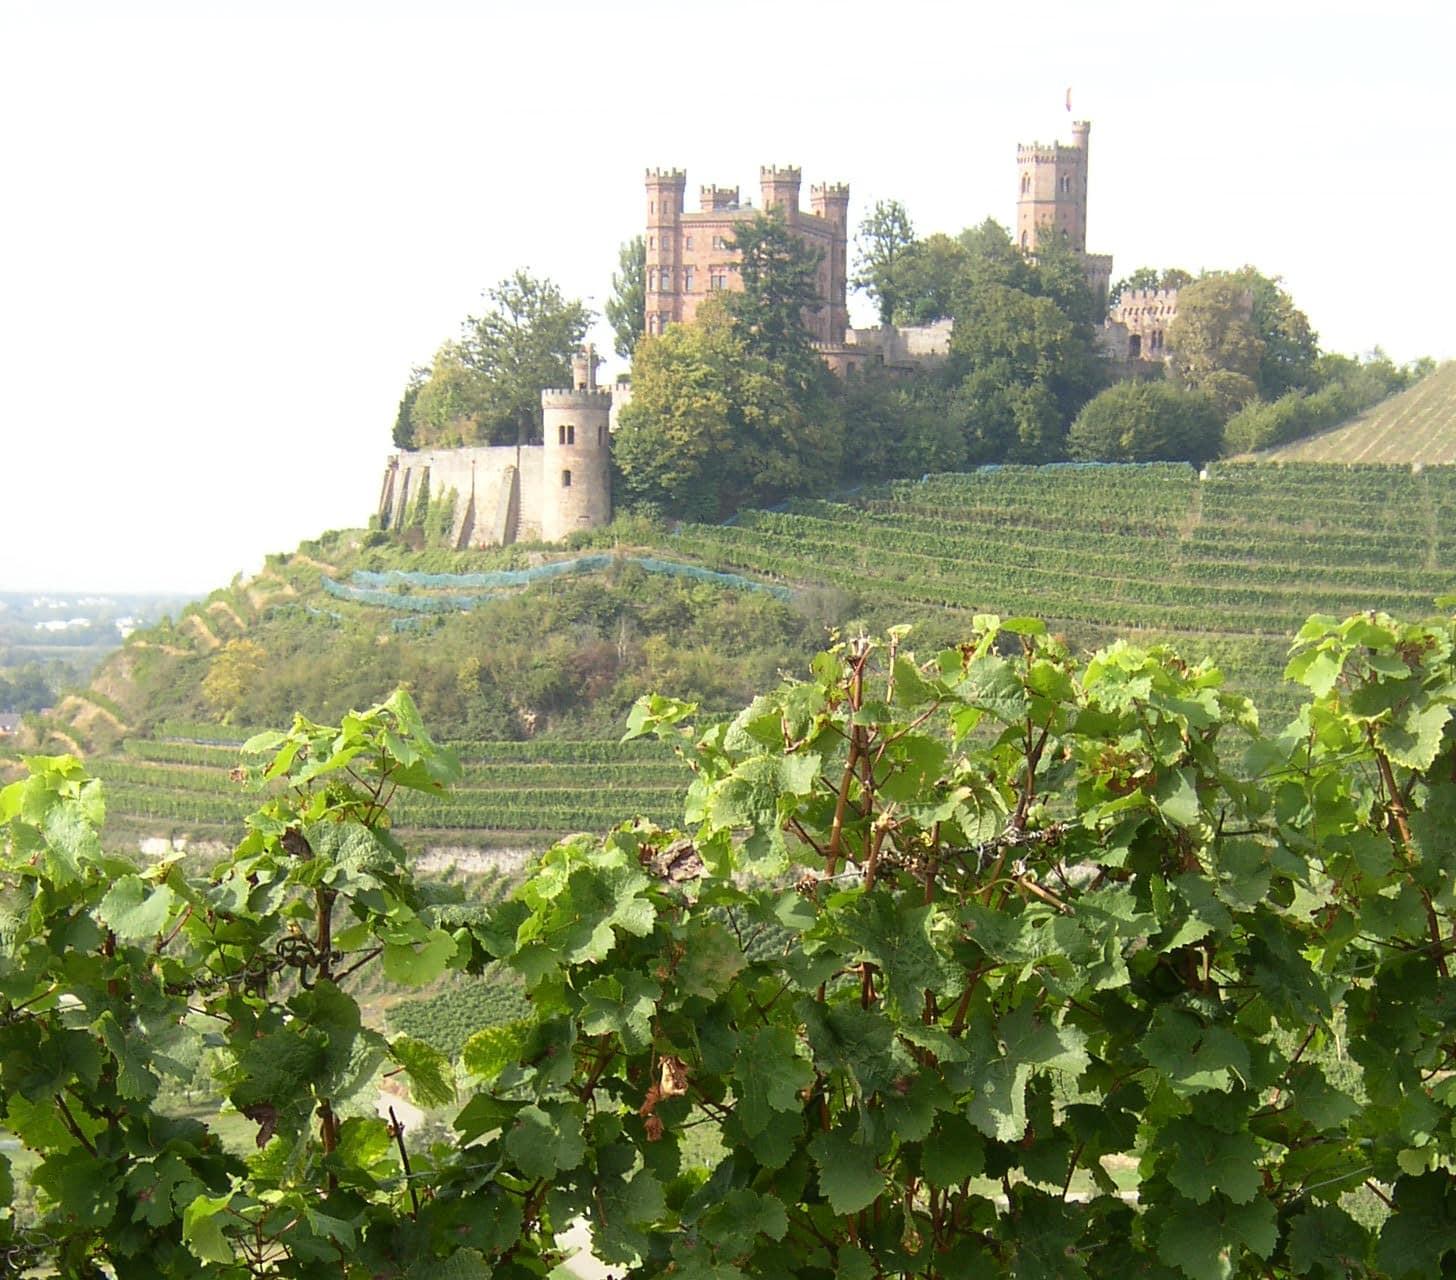 Weingut-Kiefer-Weinberg-Wein-Erlesen-kaufen-Schloss-Ortenberg